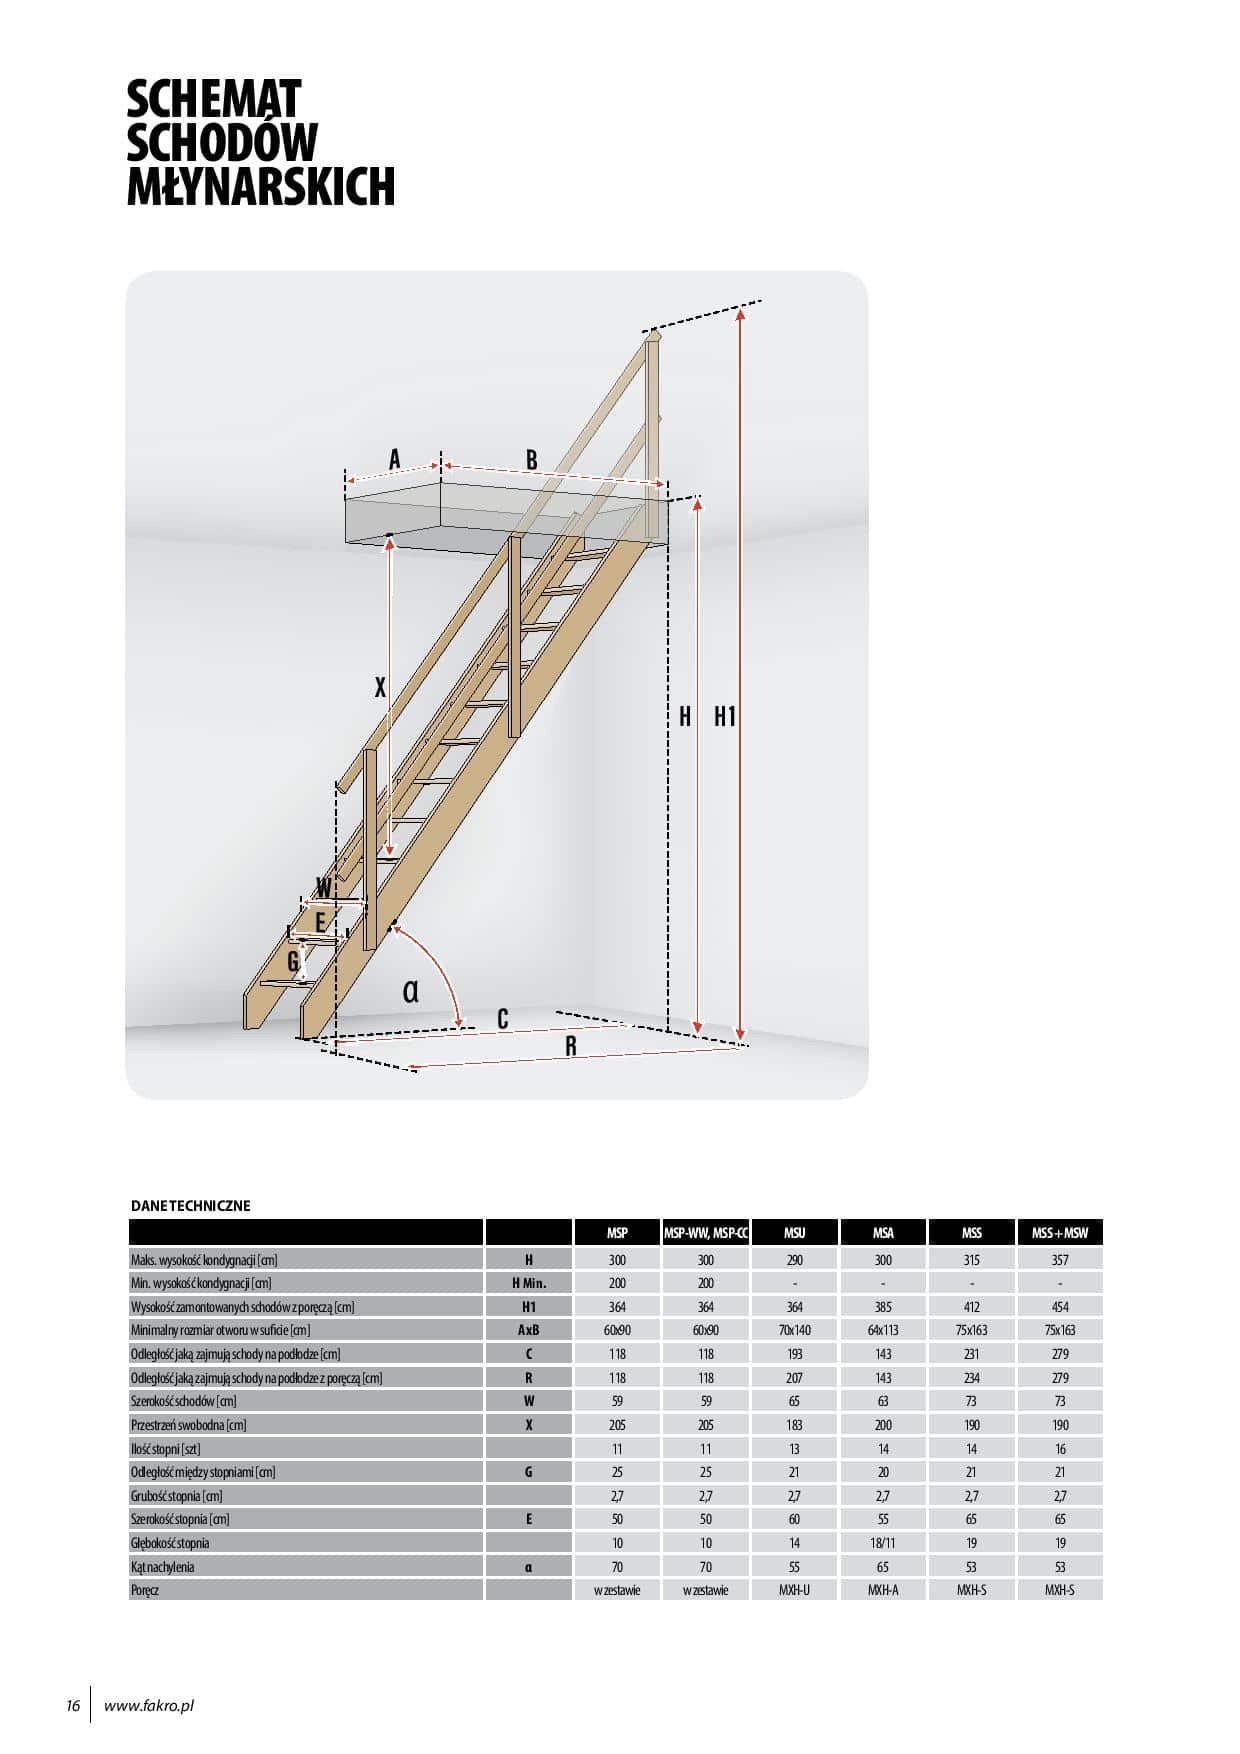 FAKRO schody strychowe 20 page 016 - Schody strychowe